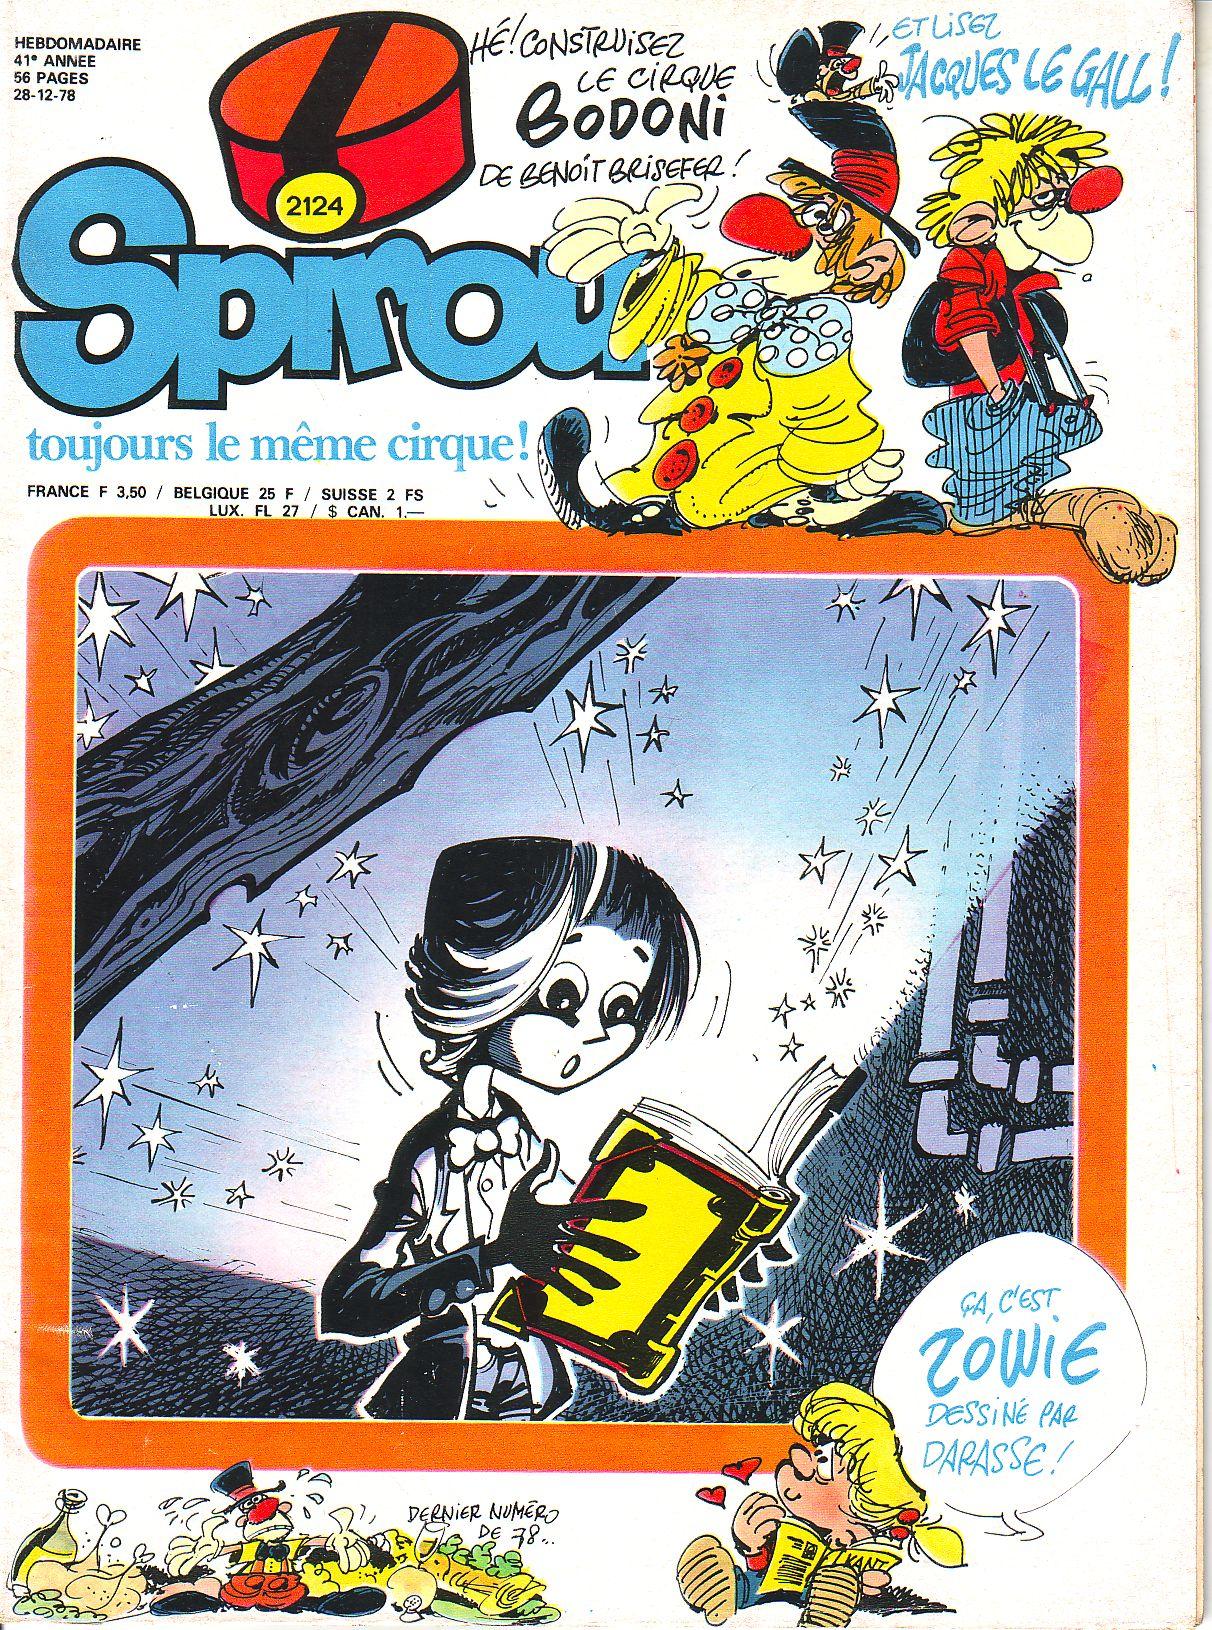 Le journal de Spirou 2124